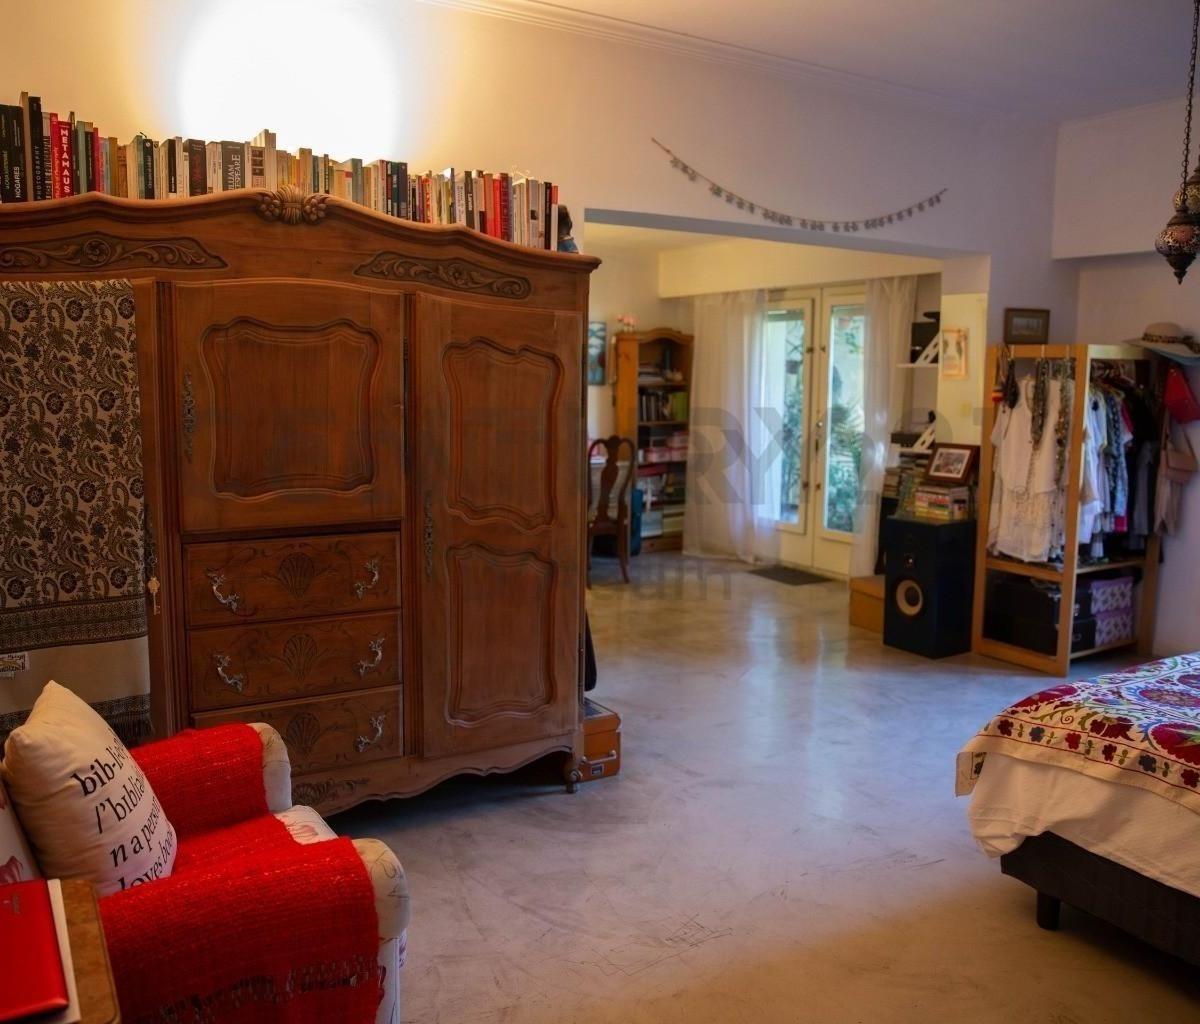 en venta casa 460m2 (1000m2 totales) - pileta - santa rita - san isidro